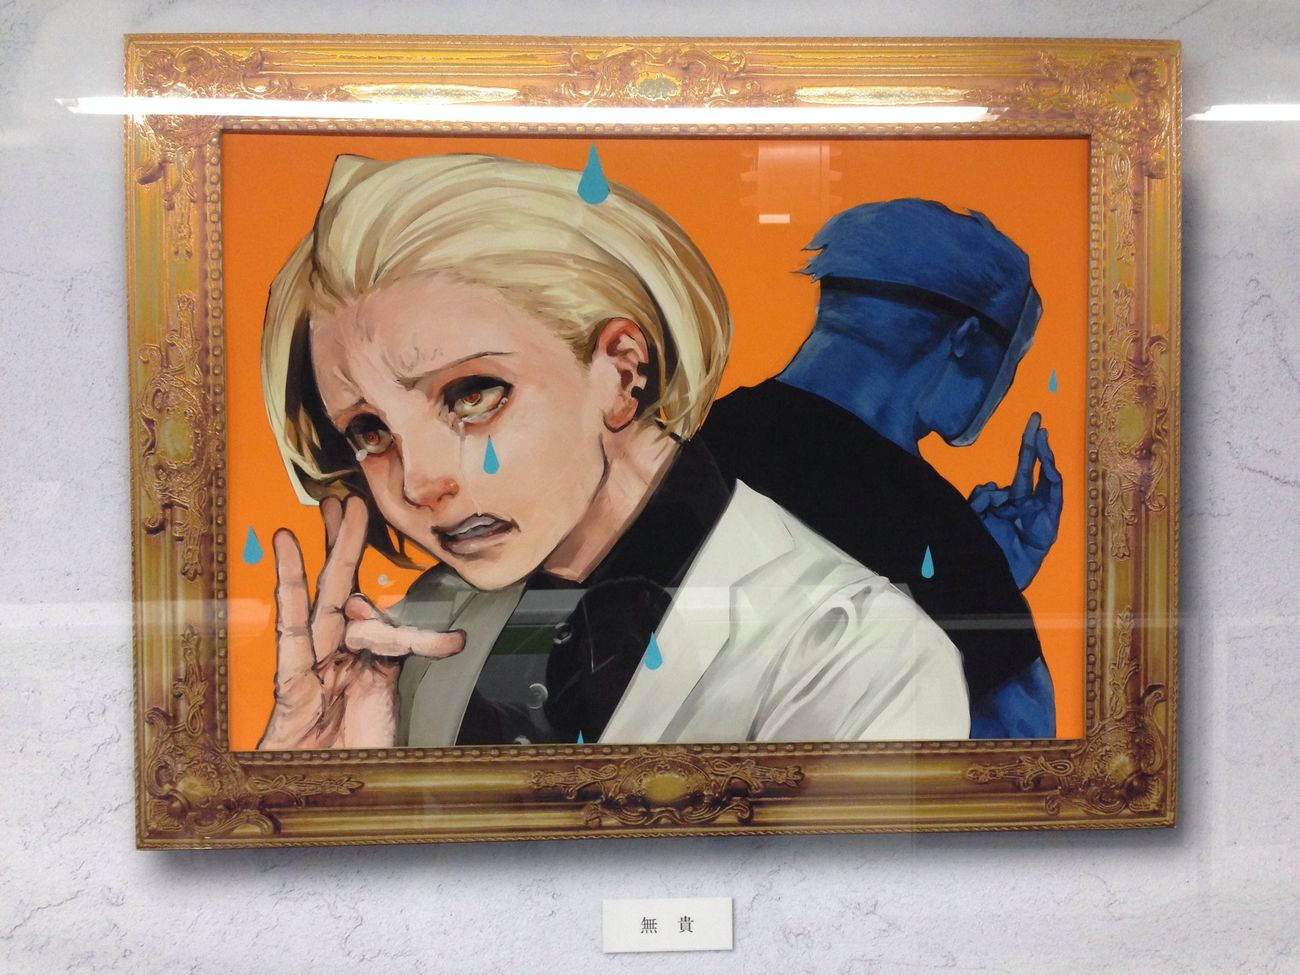 大塚 東京喰種 原画展示